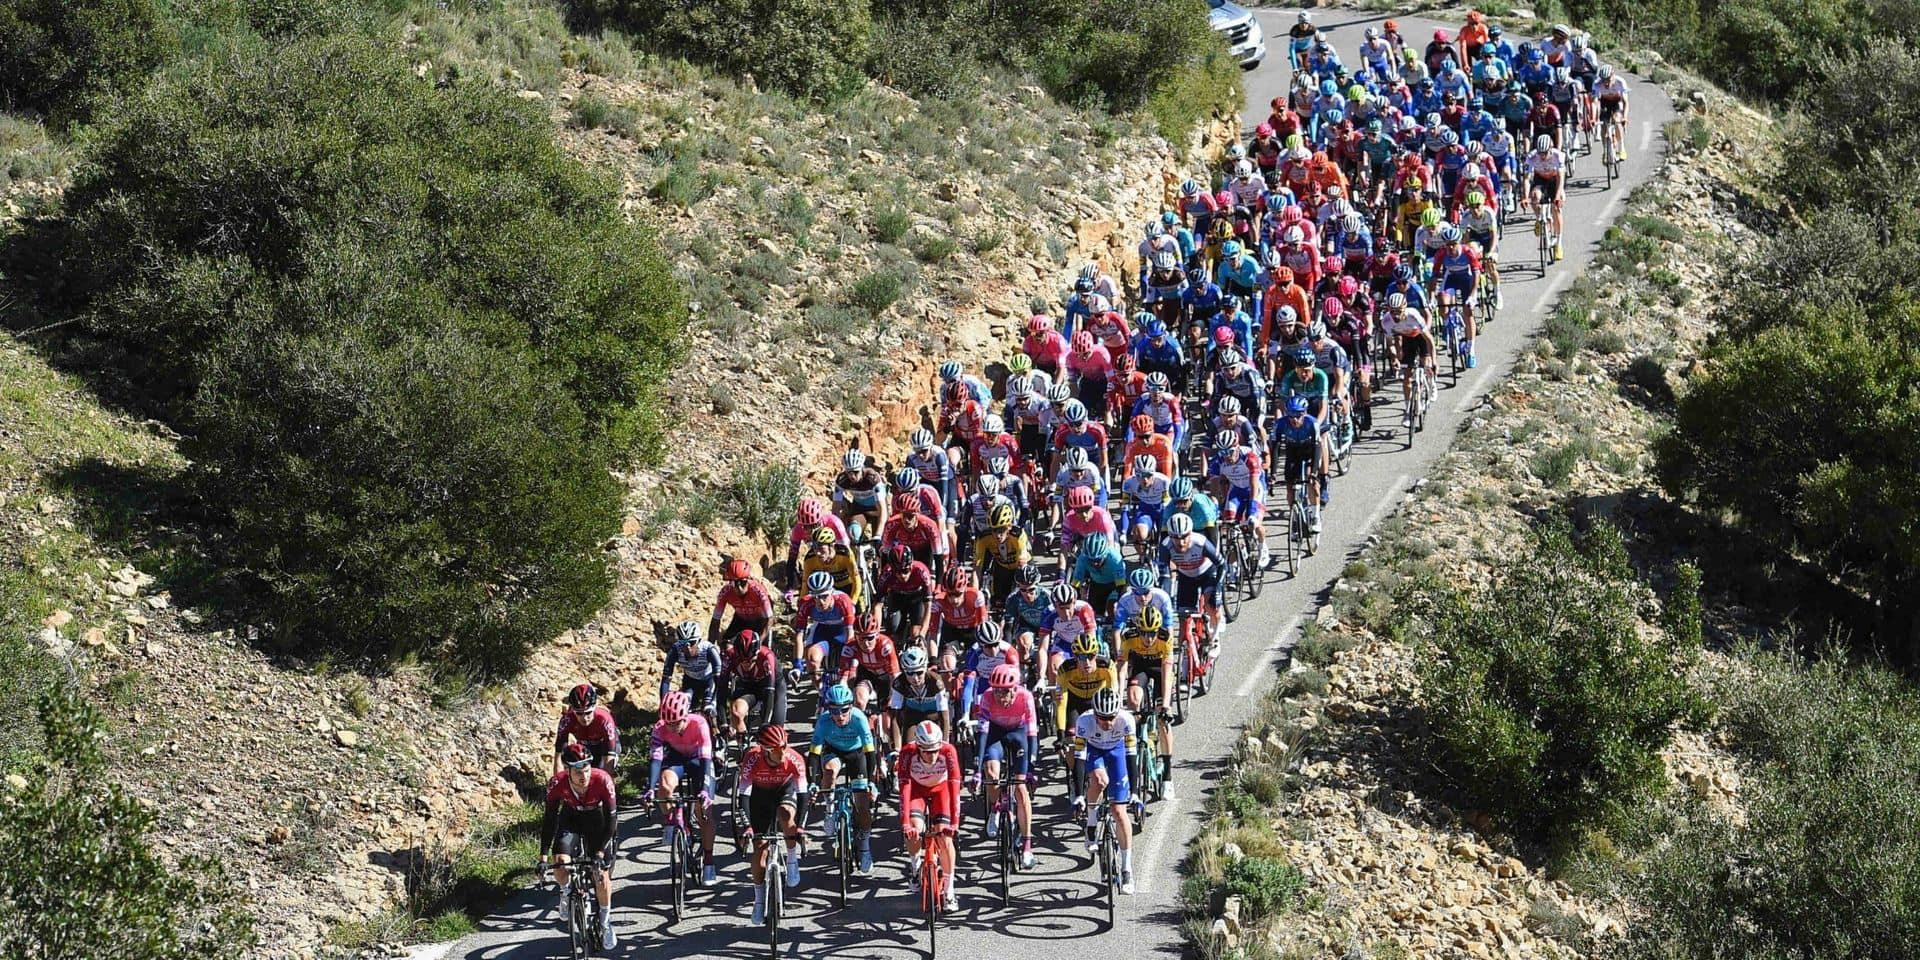 Le départ pour la 107e édition du Tour de France